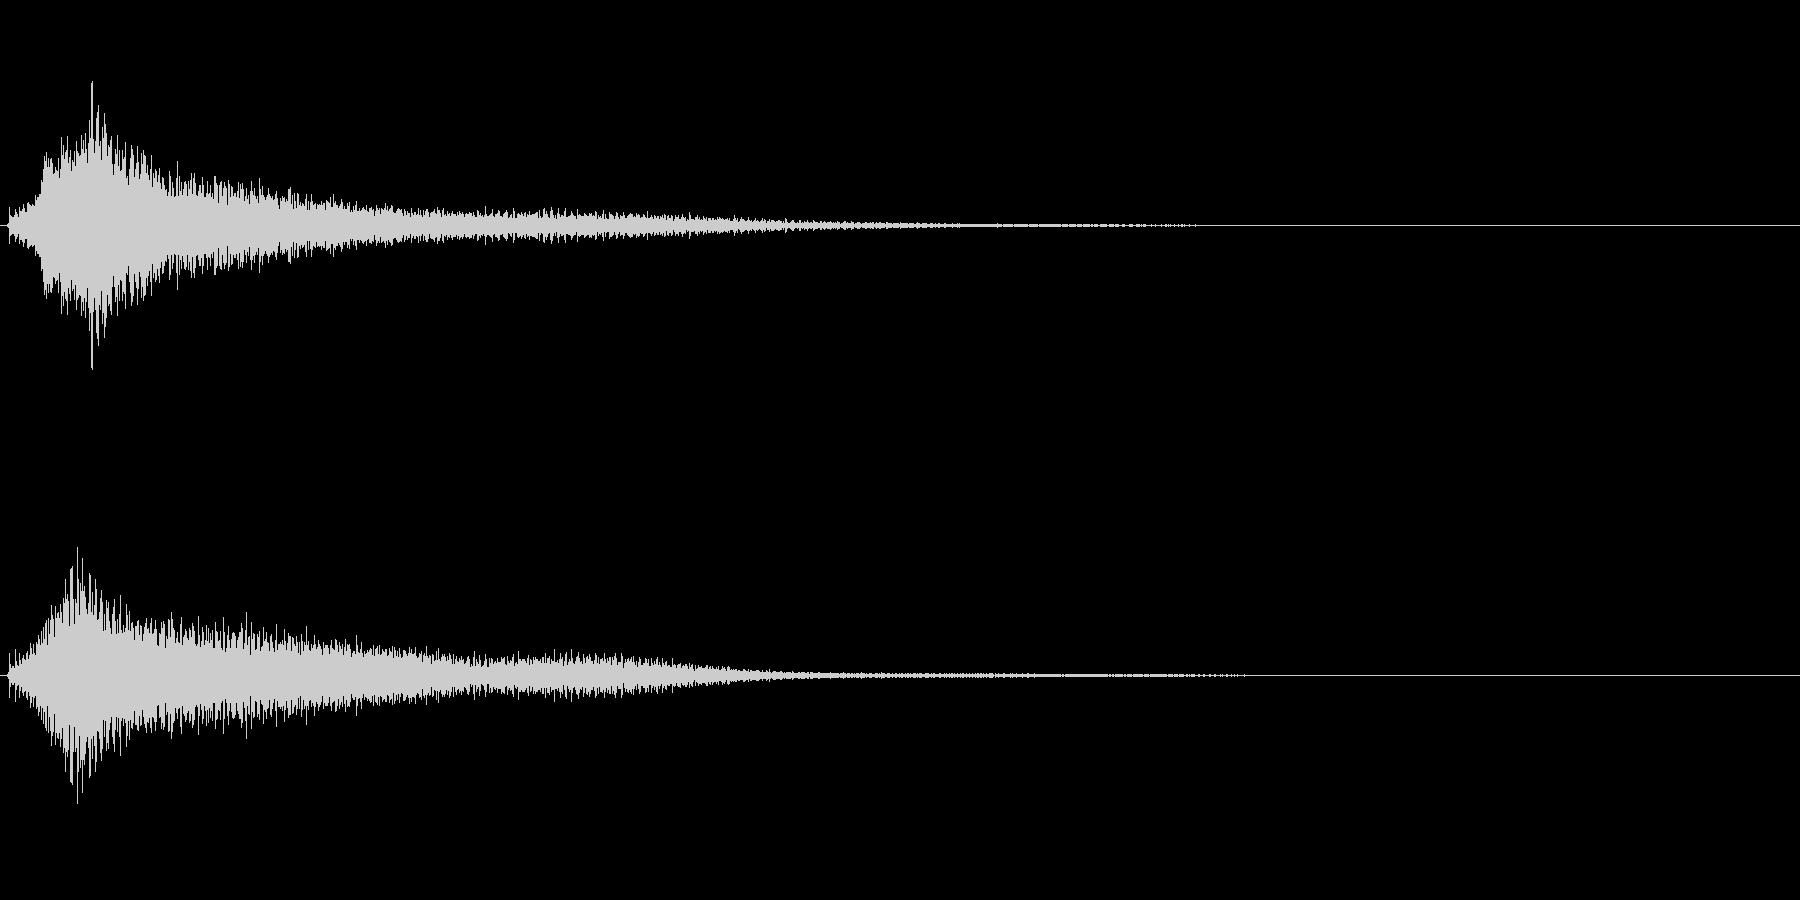 サスペンスに最適!ピアノの弦を弄ぶ音2の未再生の波形